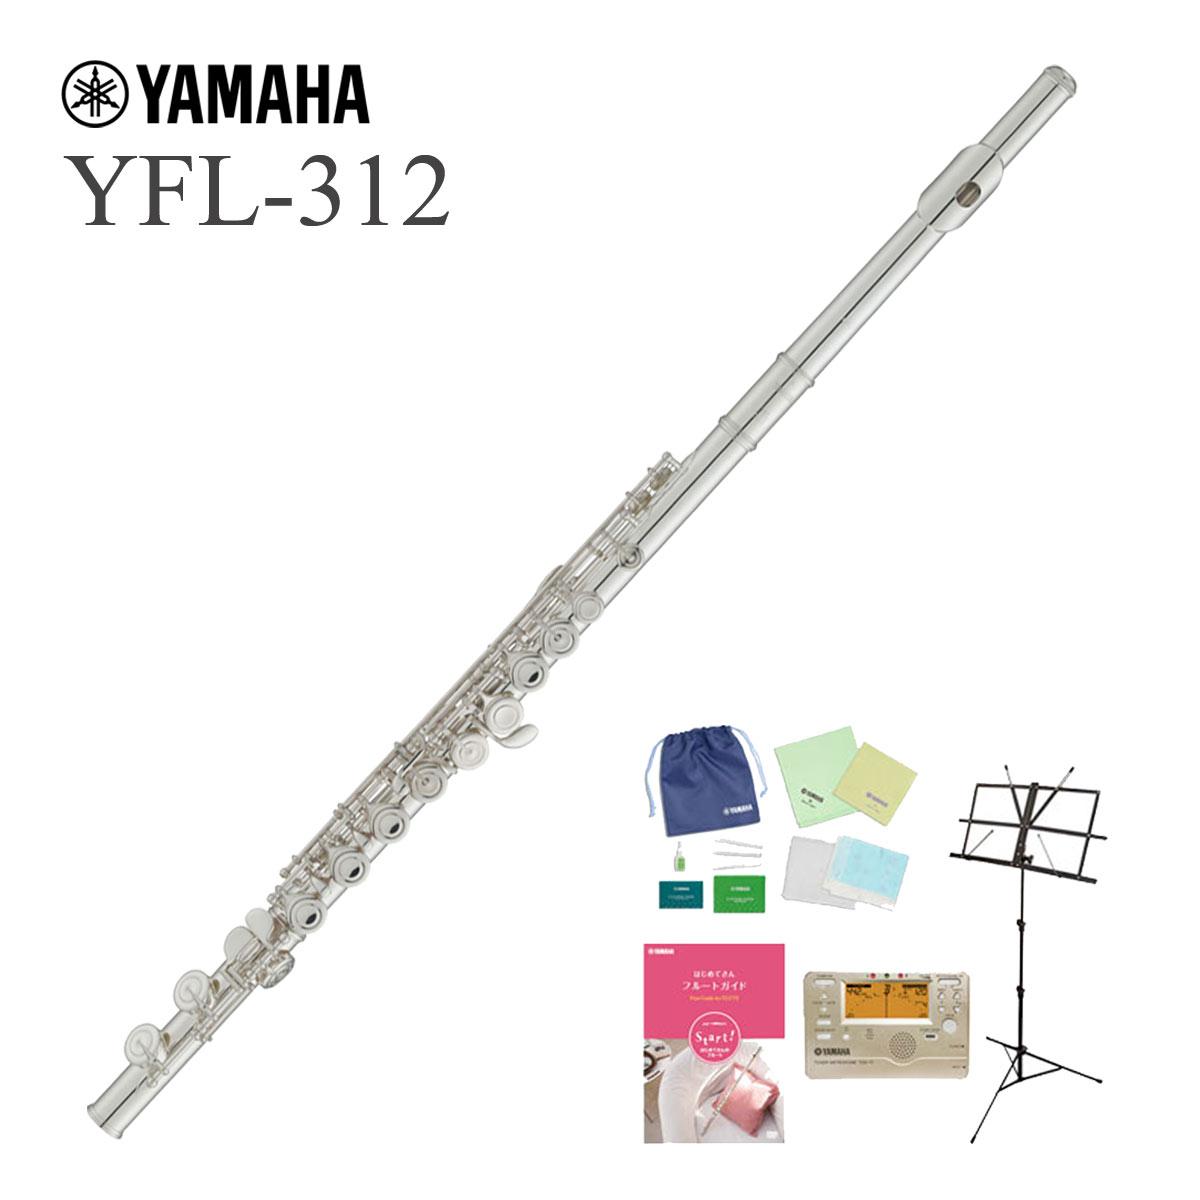 【タイムセール:16日12時まで】【在庫あり】YAMAHA / YFL-312 ヤマハ フルート スタンダード Eメカ付 頭部管銀製 《未展示倉庫保管の新品をお届け》《全部入りセット》【5年保証】《SPRING FAIR:811163200》